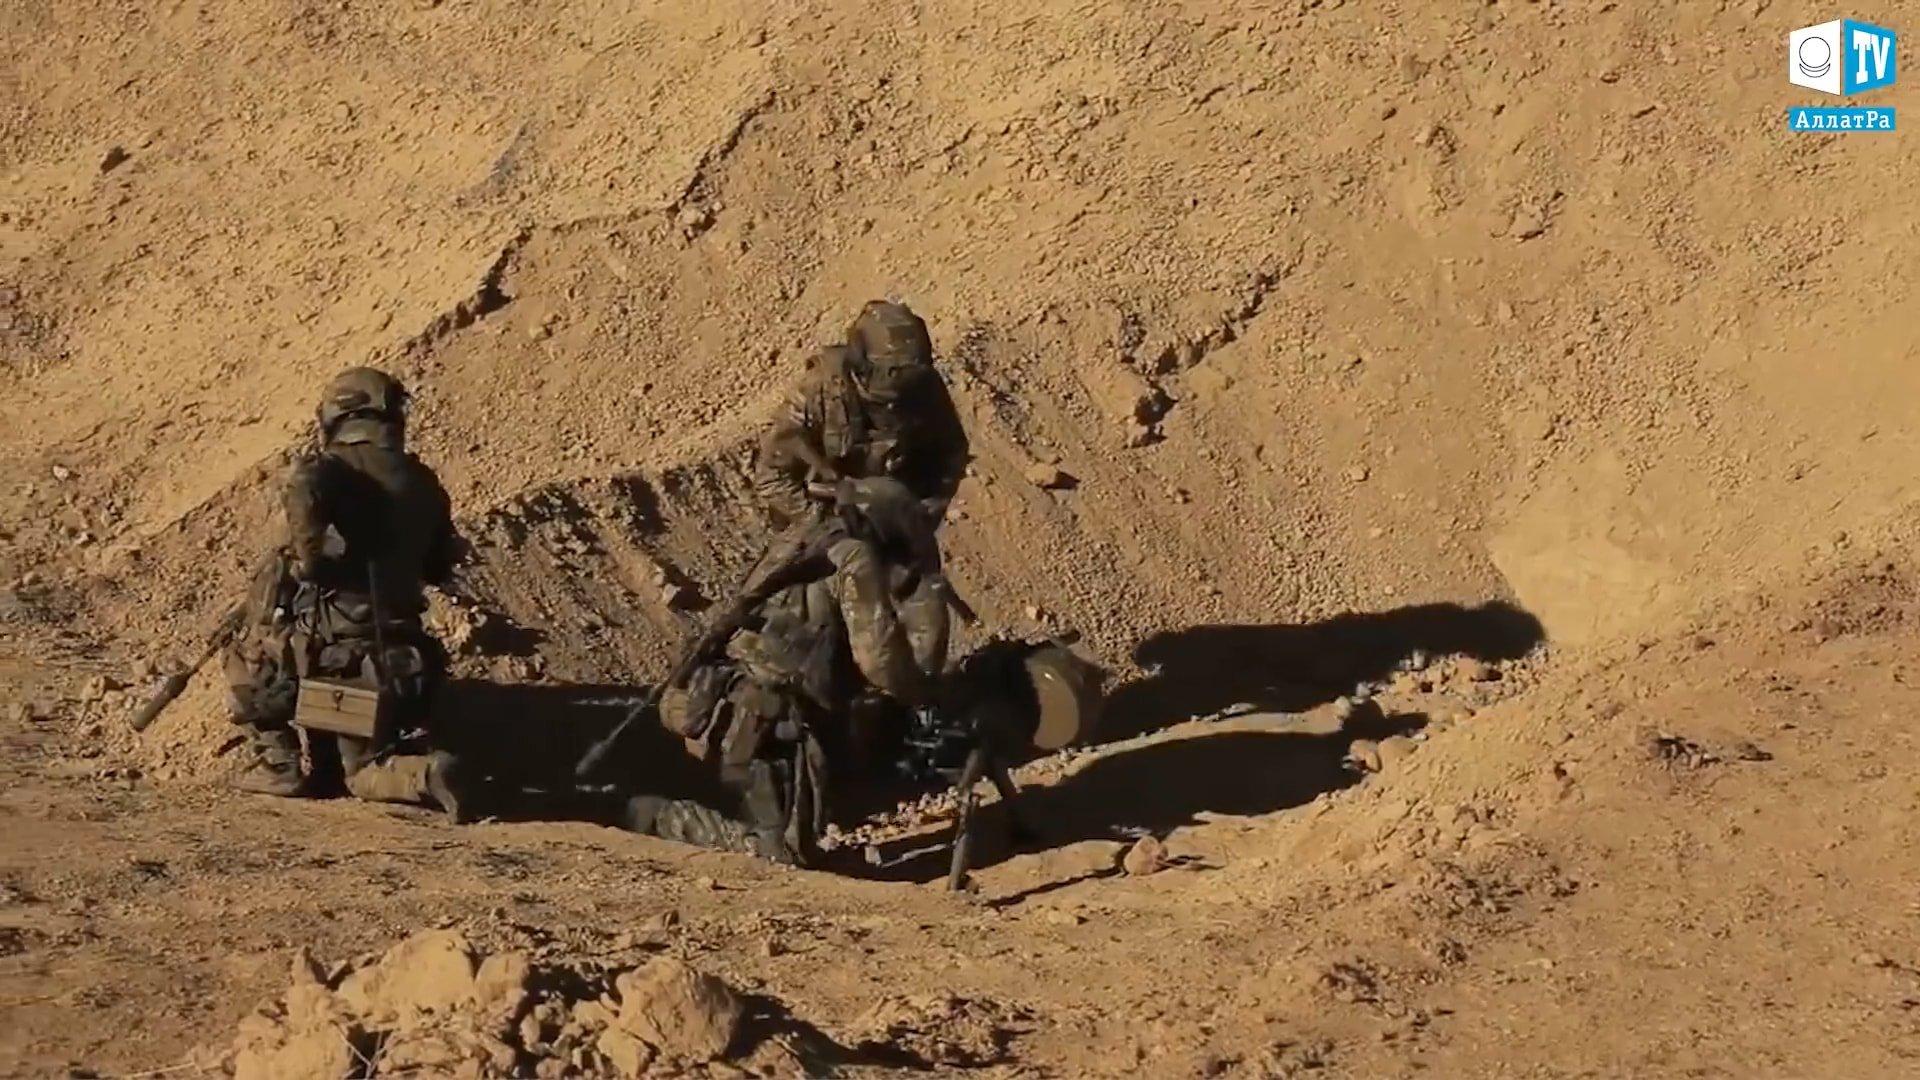 Vojáci v horách. Foto